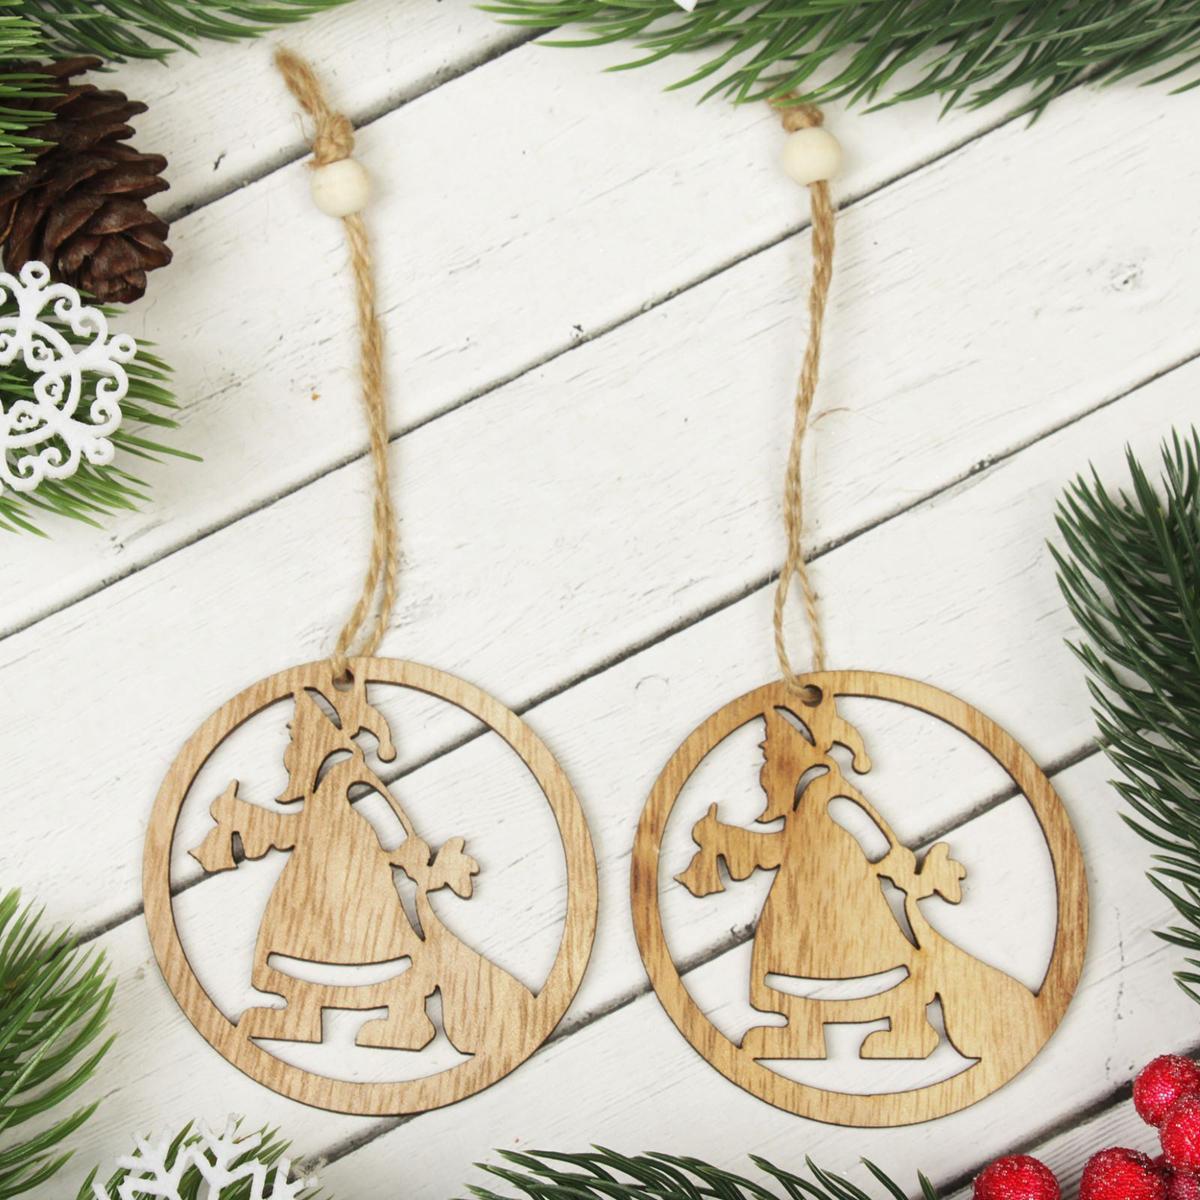 Украшение новогоднее подвесное Дед Мороз к нам идет, 2 шт2303249Набор новогодних подвесных украшений, выполненных из дерева, отлично подойдет для декорации вашего дома и новогодней ели. С помощью специальной петельки украшение можно повесить в любом понравившемся вам месте. Но, конечно, удачнее всего оно будет смотреться на праздничной елке.Елочная игрушка - символ Нового года. Она несет в себе волшебство и красоту праздника. Такое украшение создаст в вашем доме атмосферу праздника, веселья и радости.В комплекте 2 украшения.